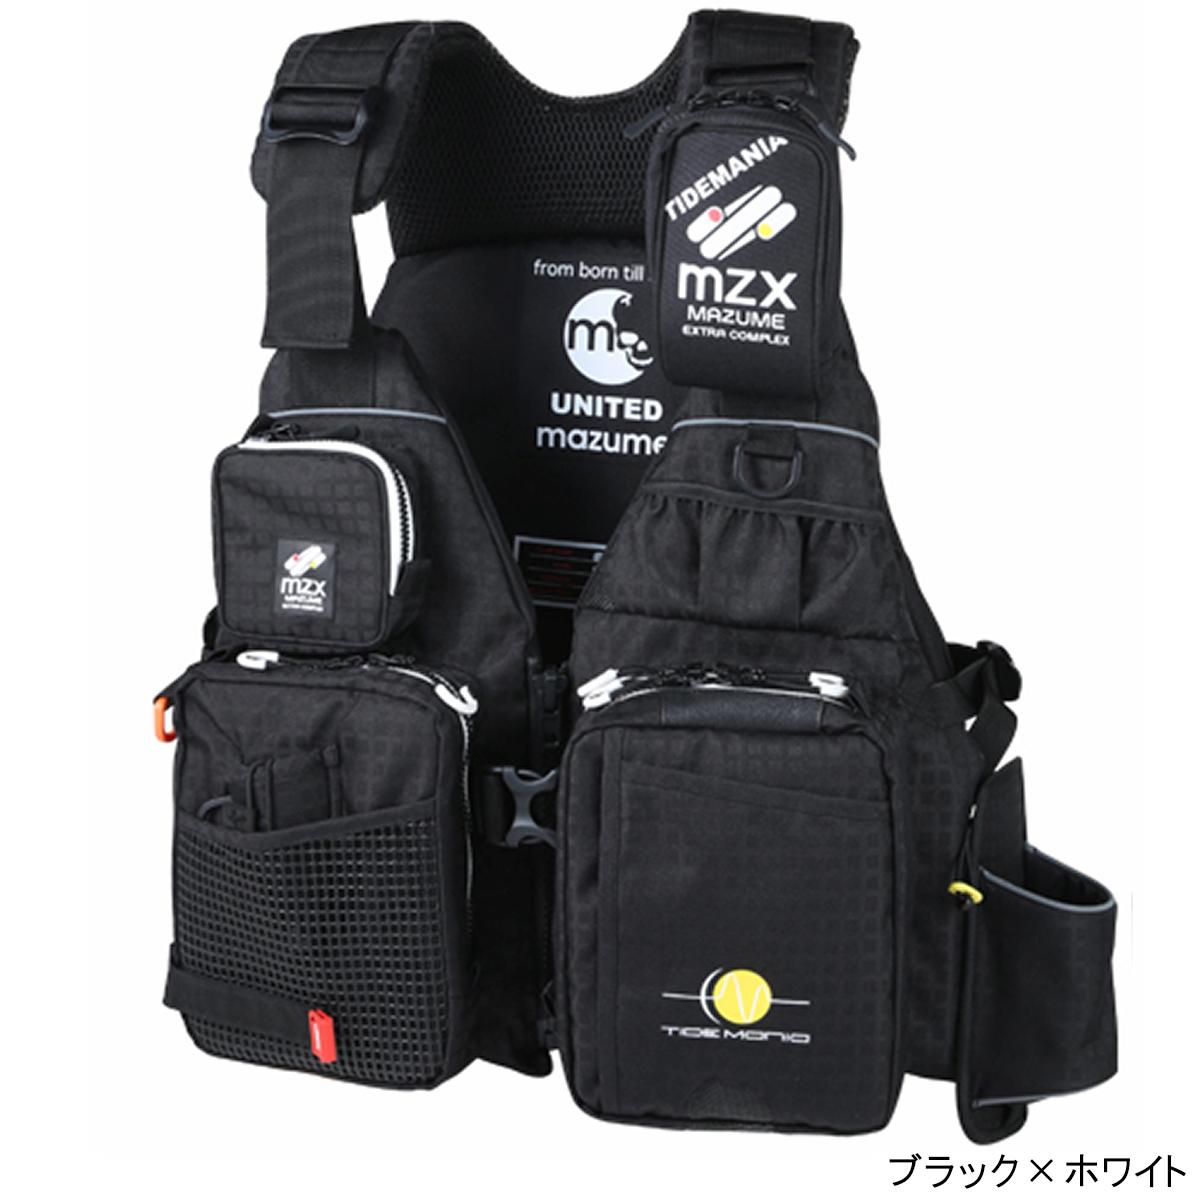 オレンジブルー mazume MZX タイドマニアライフジャケット MZXLJ-049 フリー ブラック×ホワイト